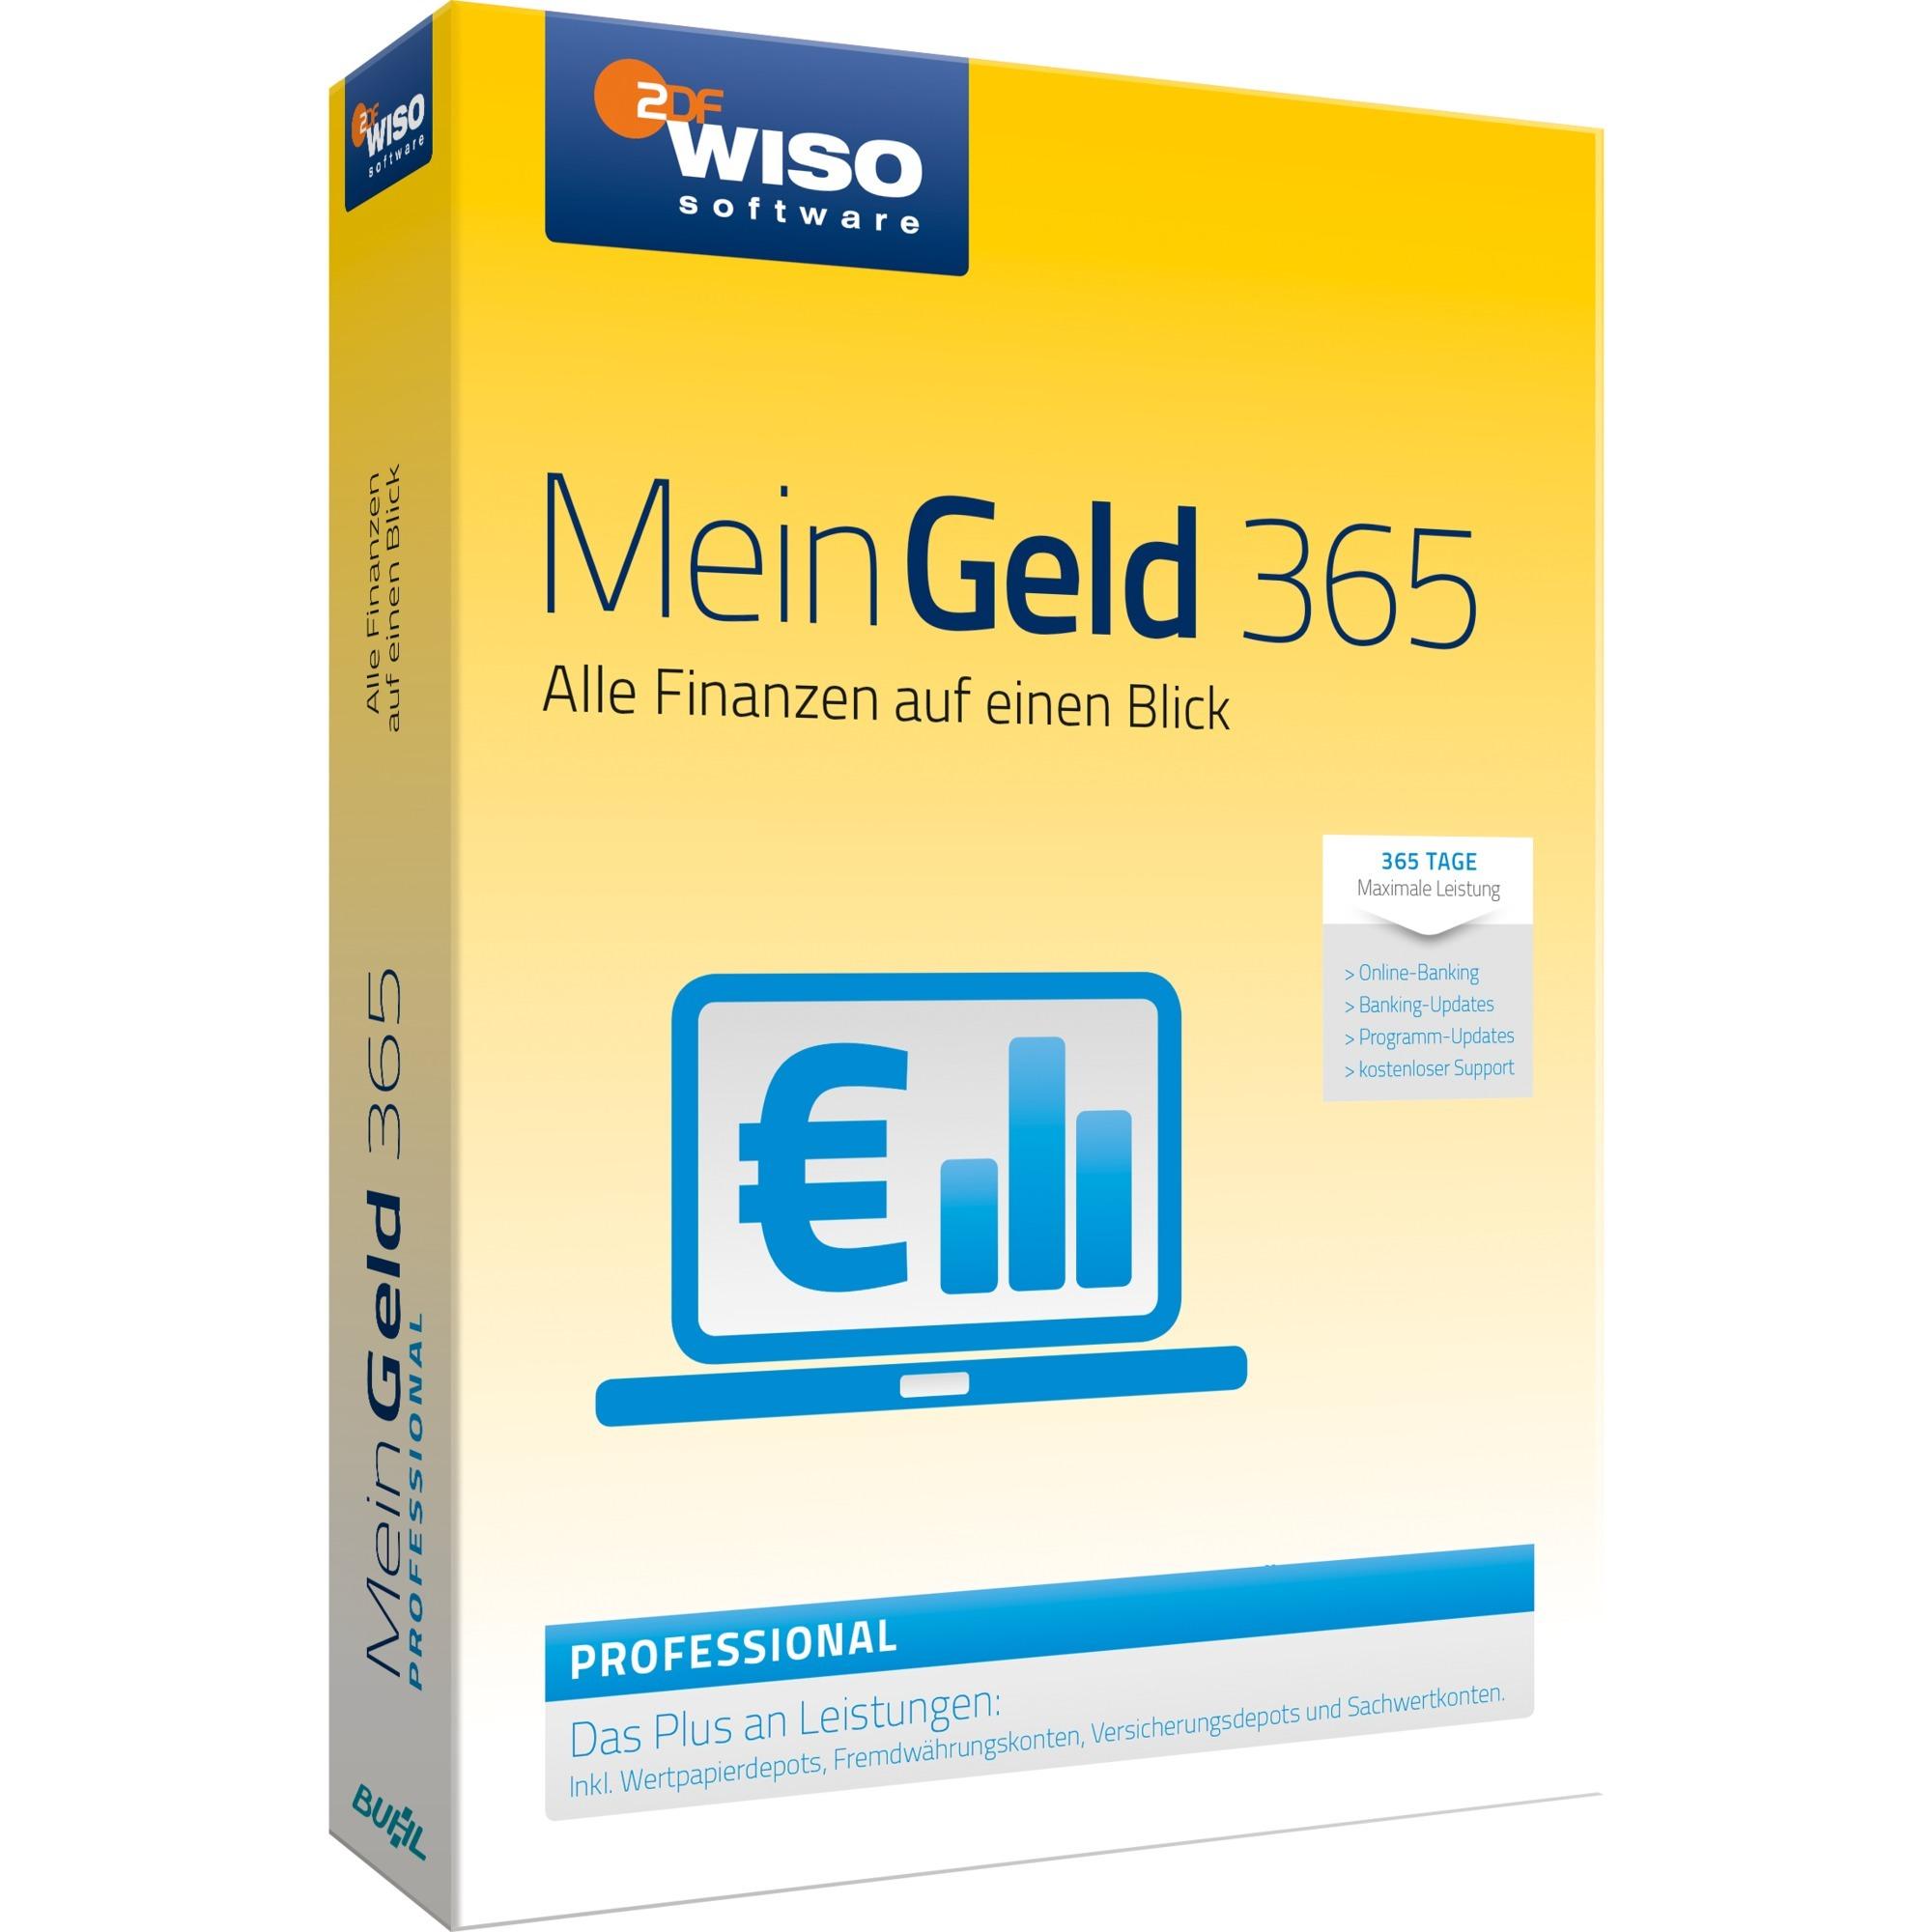 wiso-mein-geld-365-pro-software